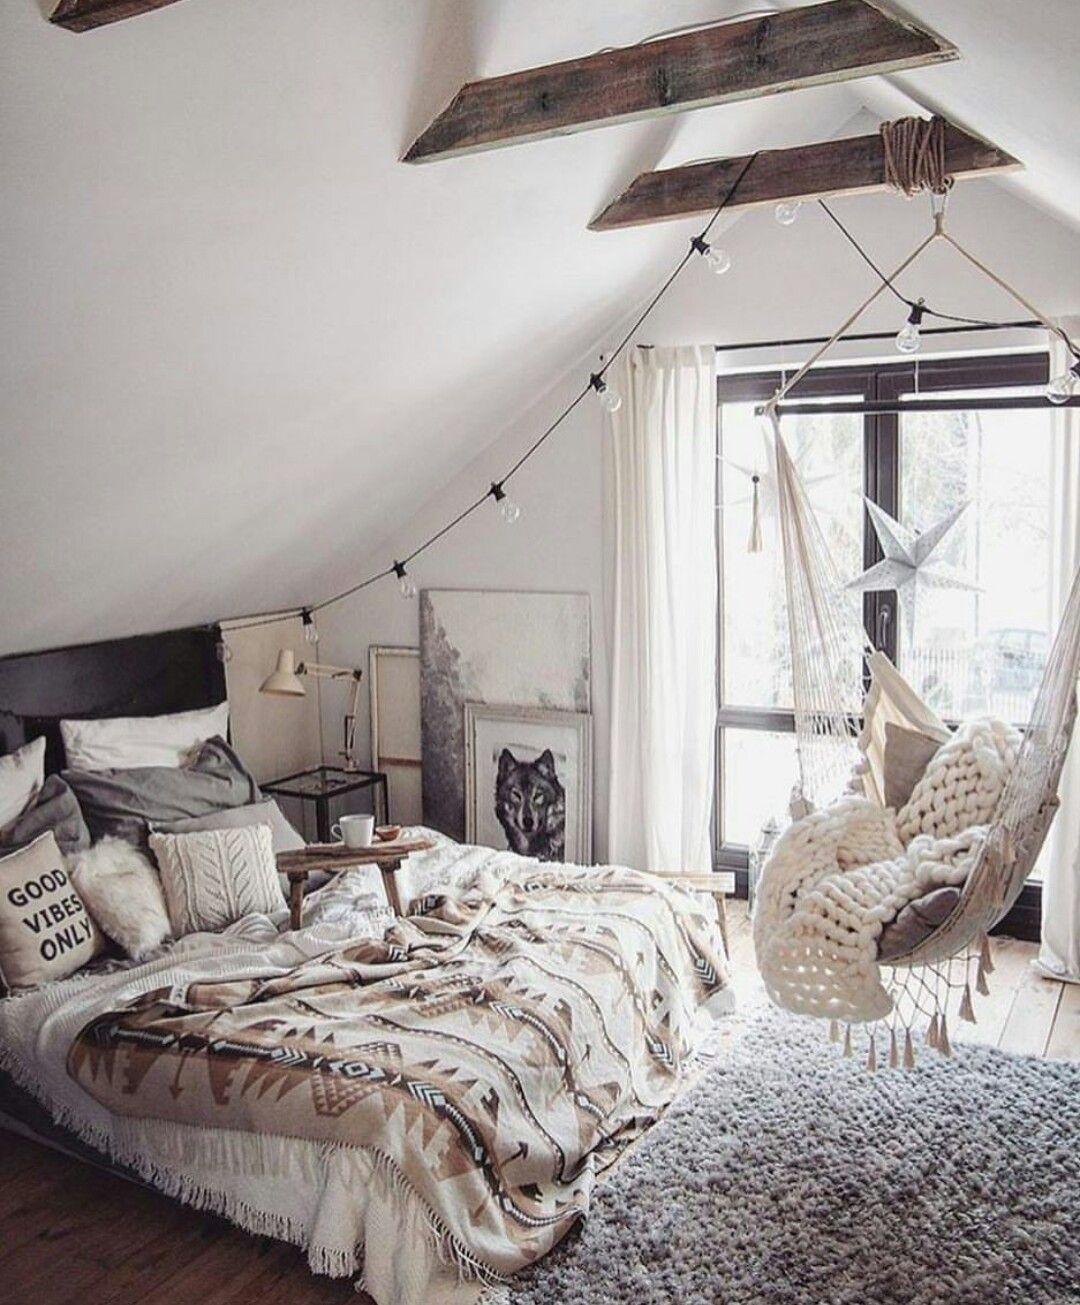 Einrichtung, Deko, Moderne Kunst, Kunstdekor, Dekoideen Für Die Wohnung,  Mein Haus, Inneneinrichtung, Schlafzimmerdeko, Schlafzimmer Ideen